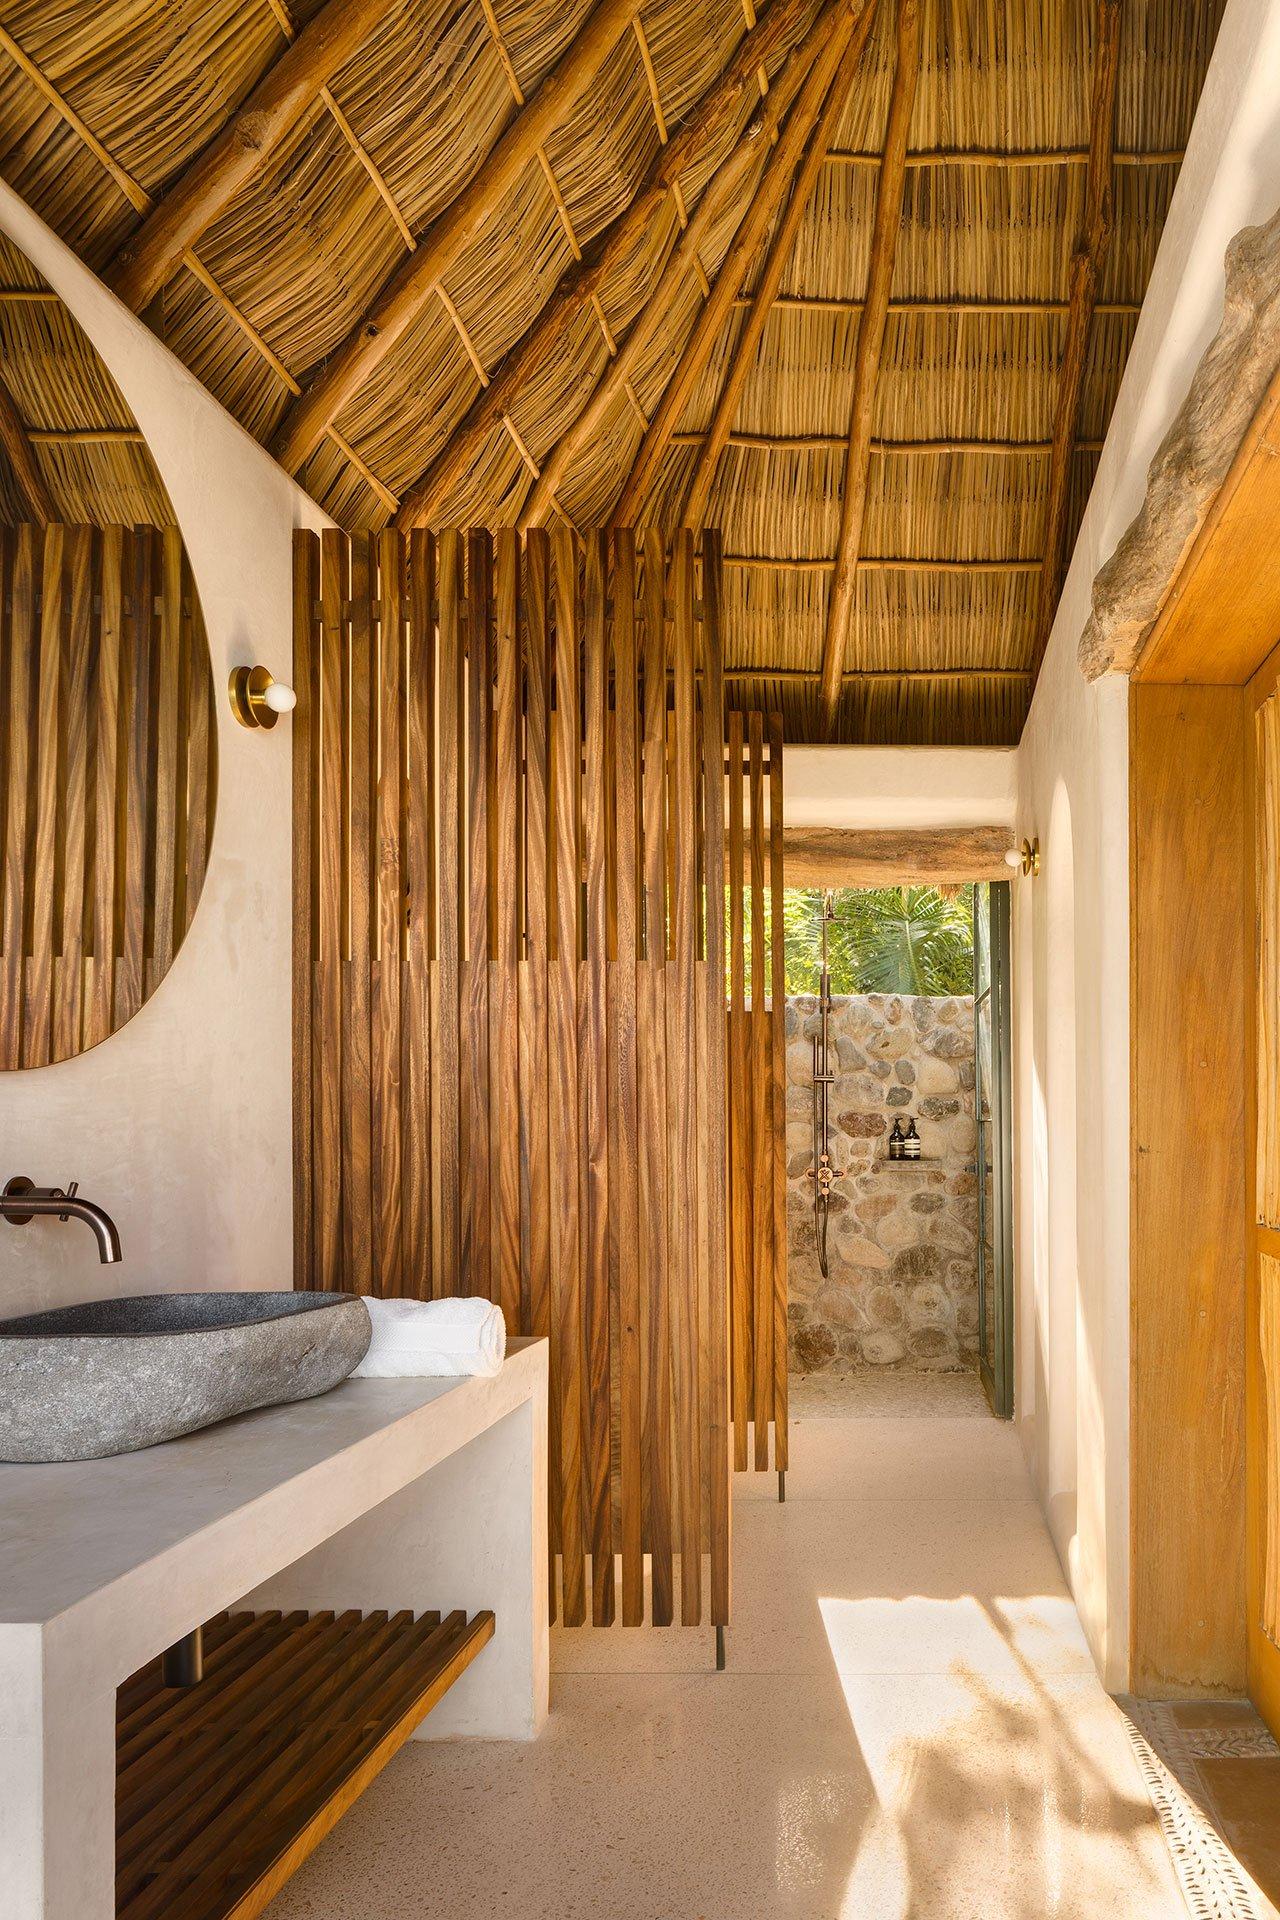 主办公室以可持续发展的精神翻新墨西哥太平洋沿岸的热带度假胜地